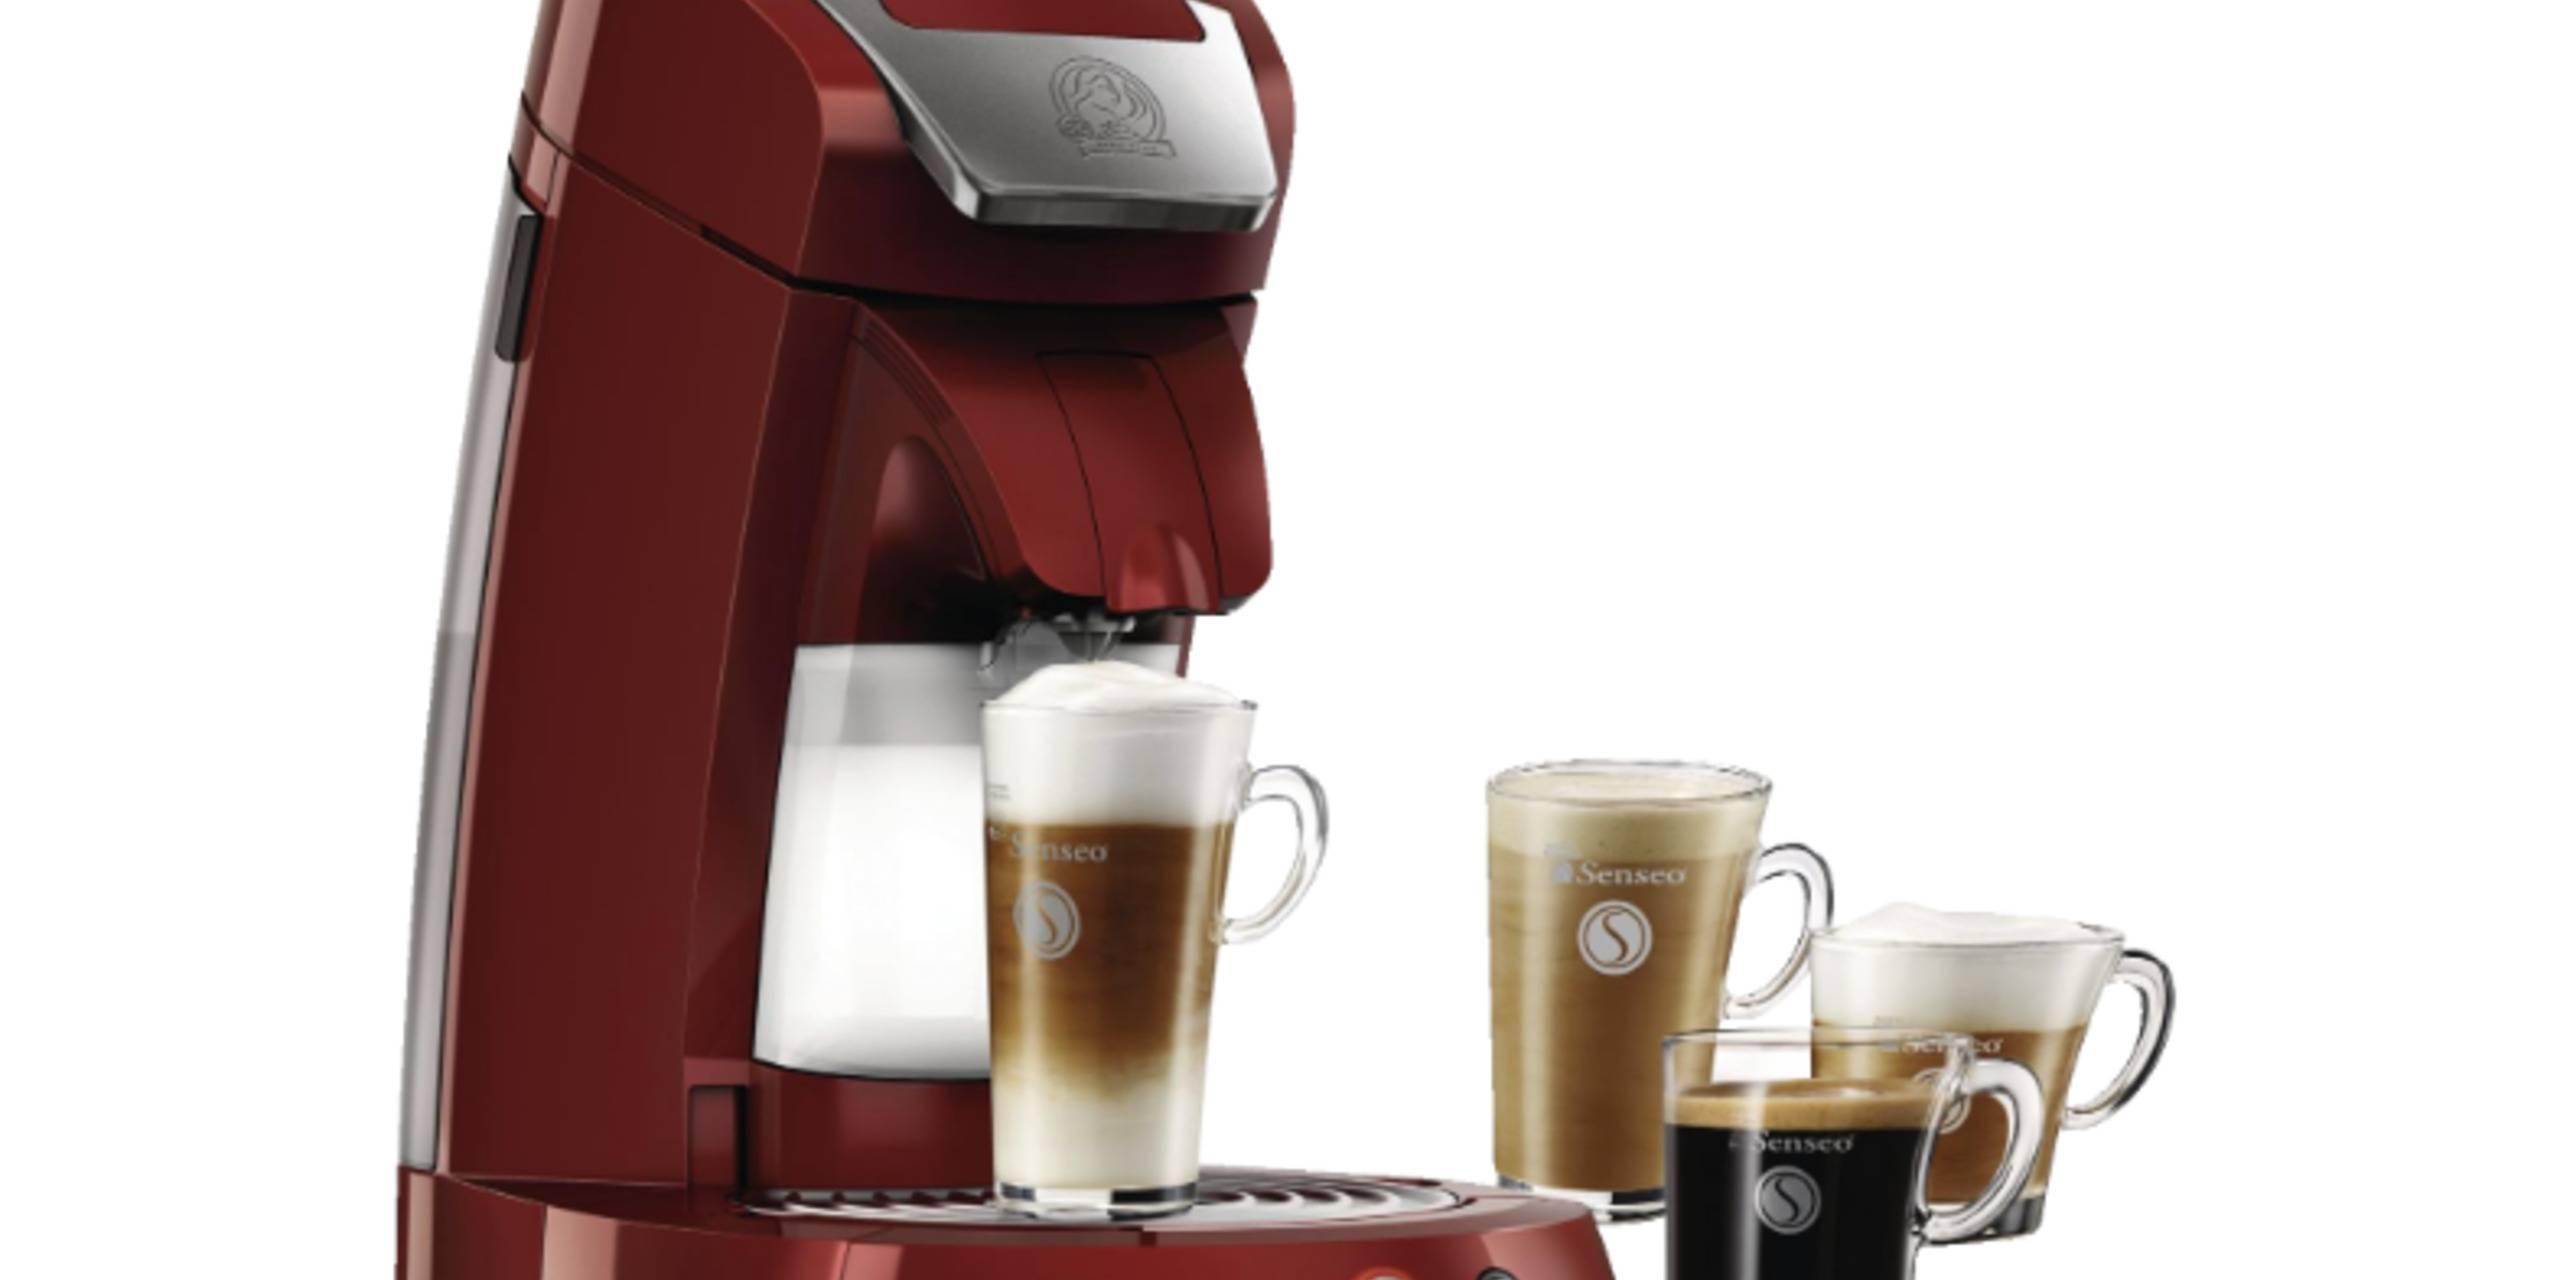 Philips Senseo Latte Select HD7854